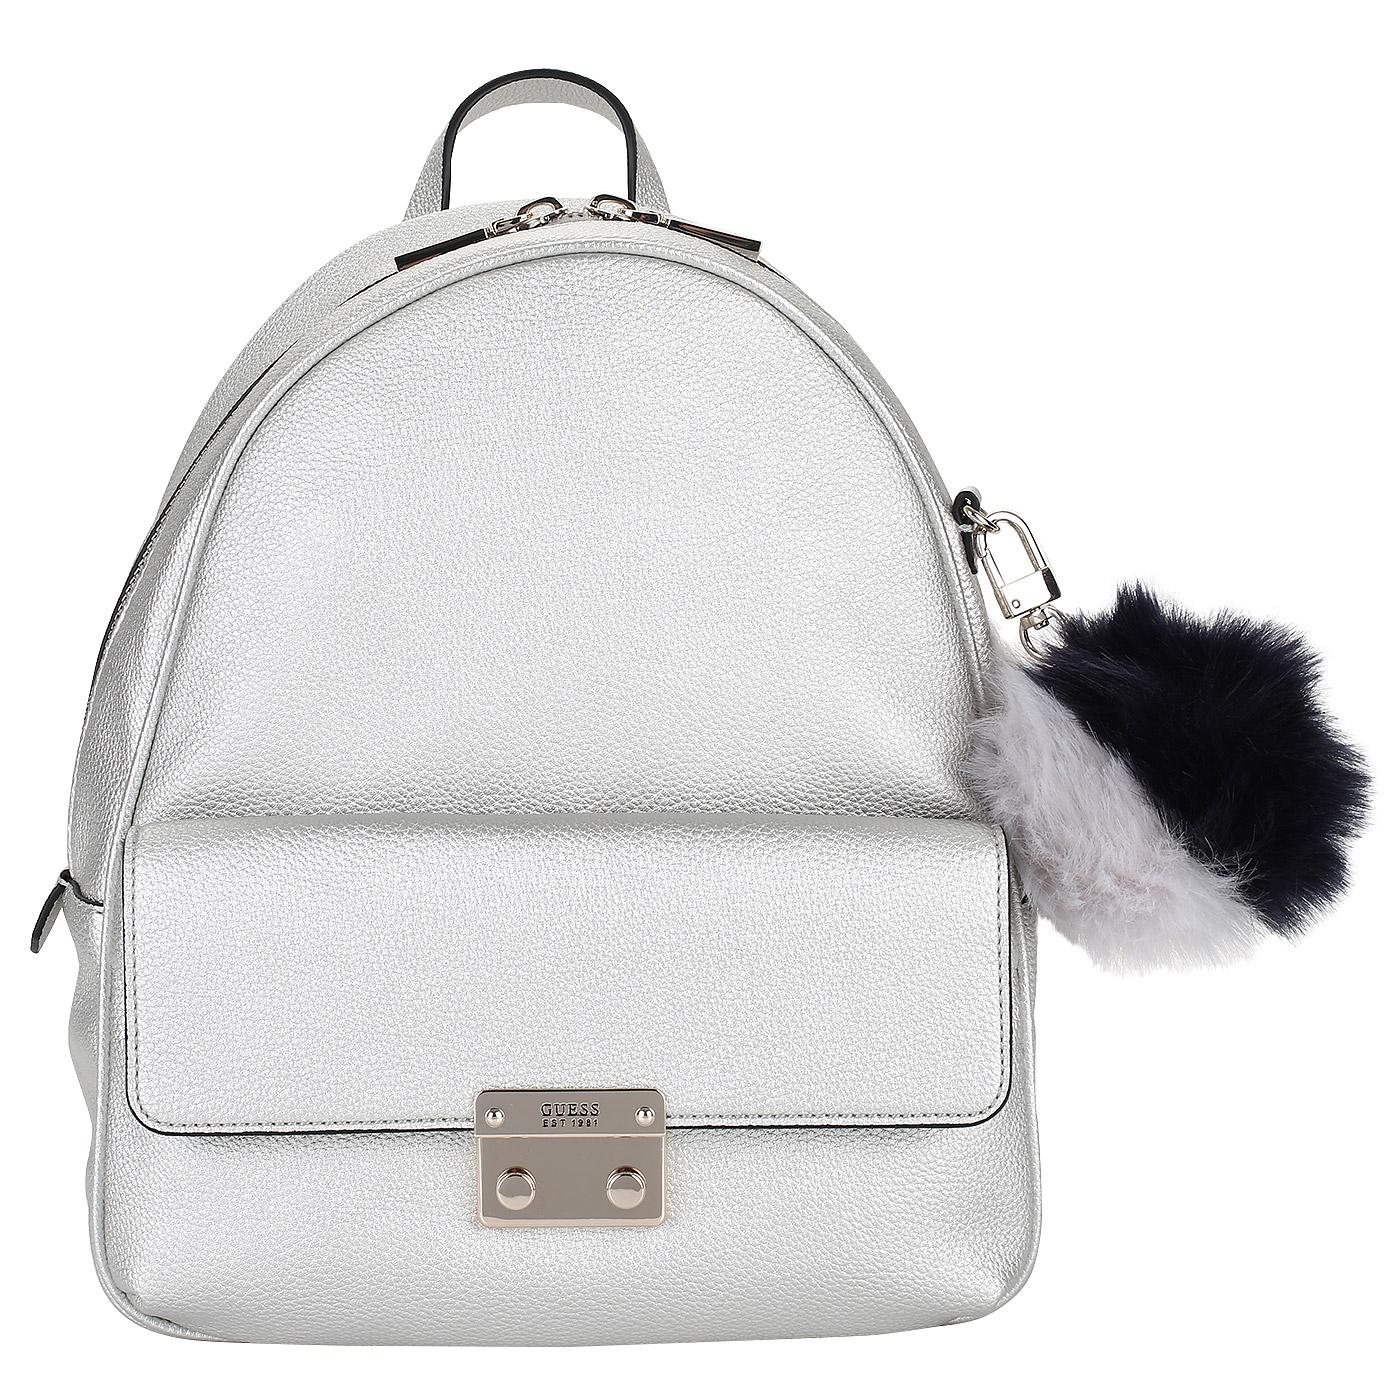 Женский рюкзак с брелоком Guess Varsity Pop HWMG69 67320 silver ... 9772018725c